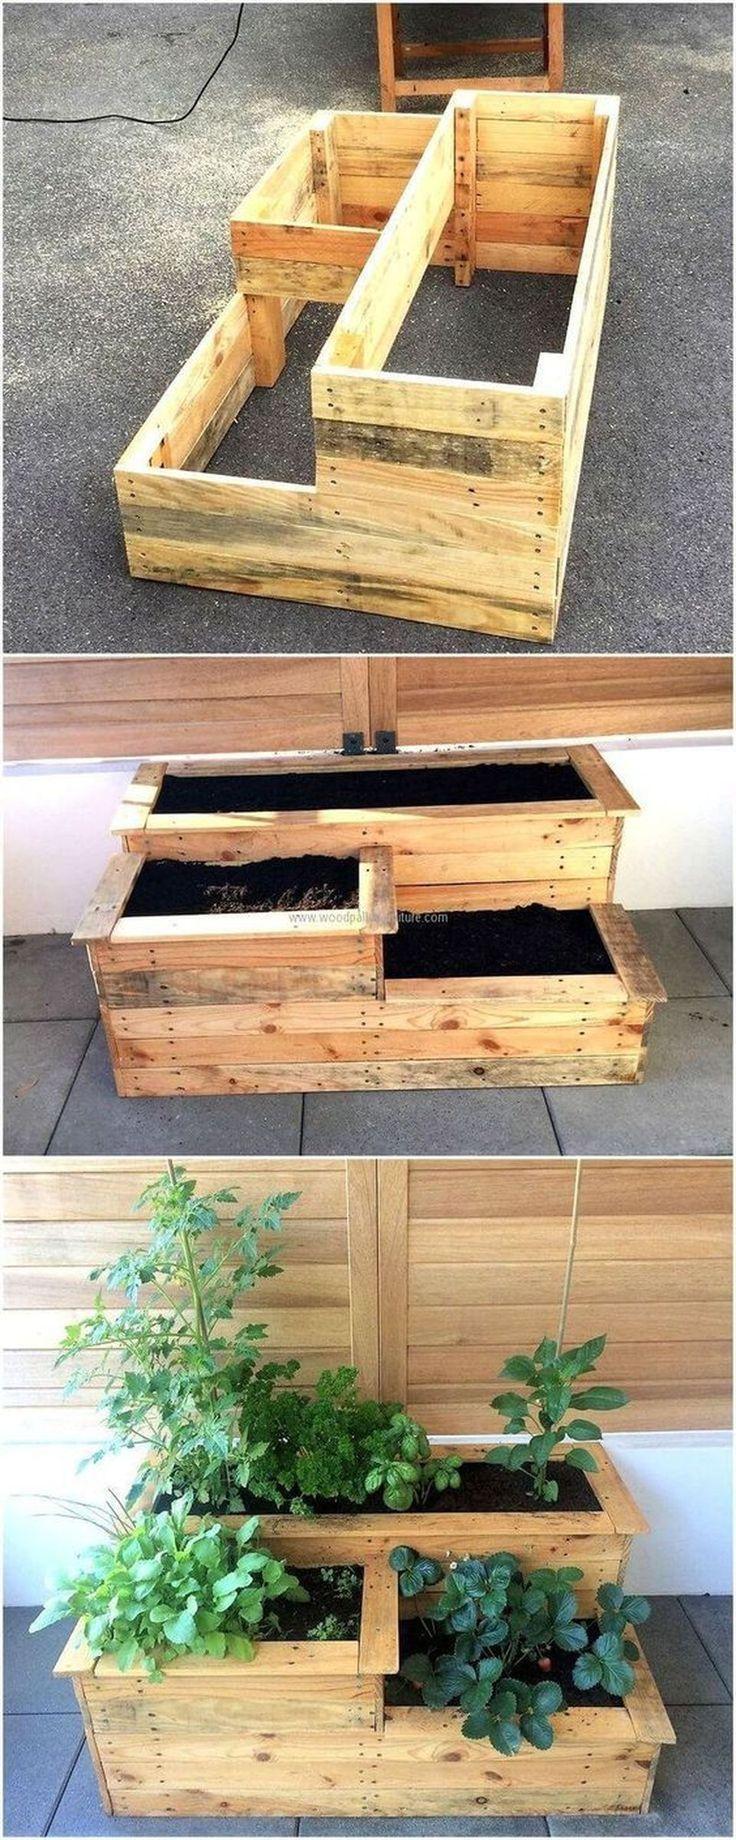 Erstaunlich kreative Holzpalette Gartenprojekt 42 # Erstaunlich #garten #